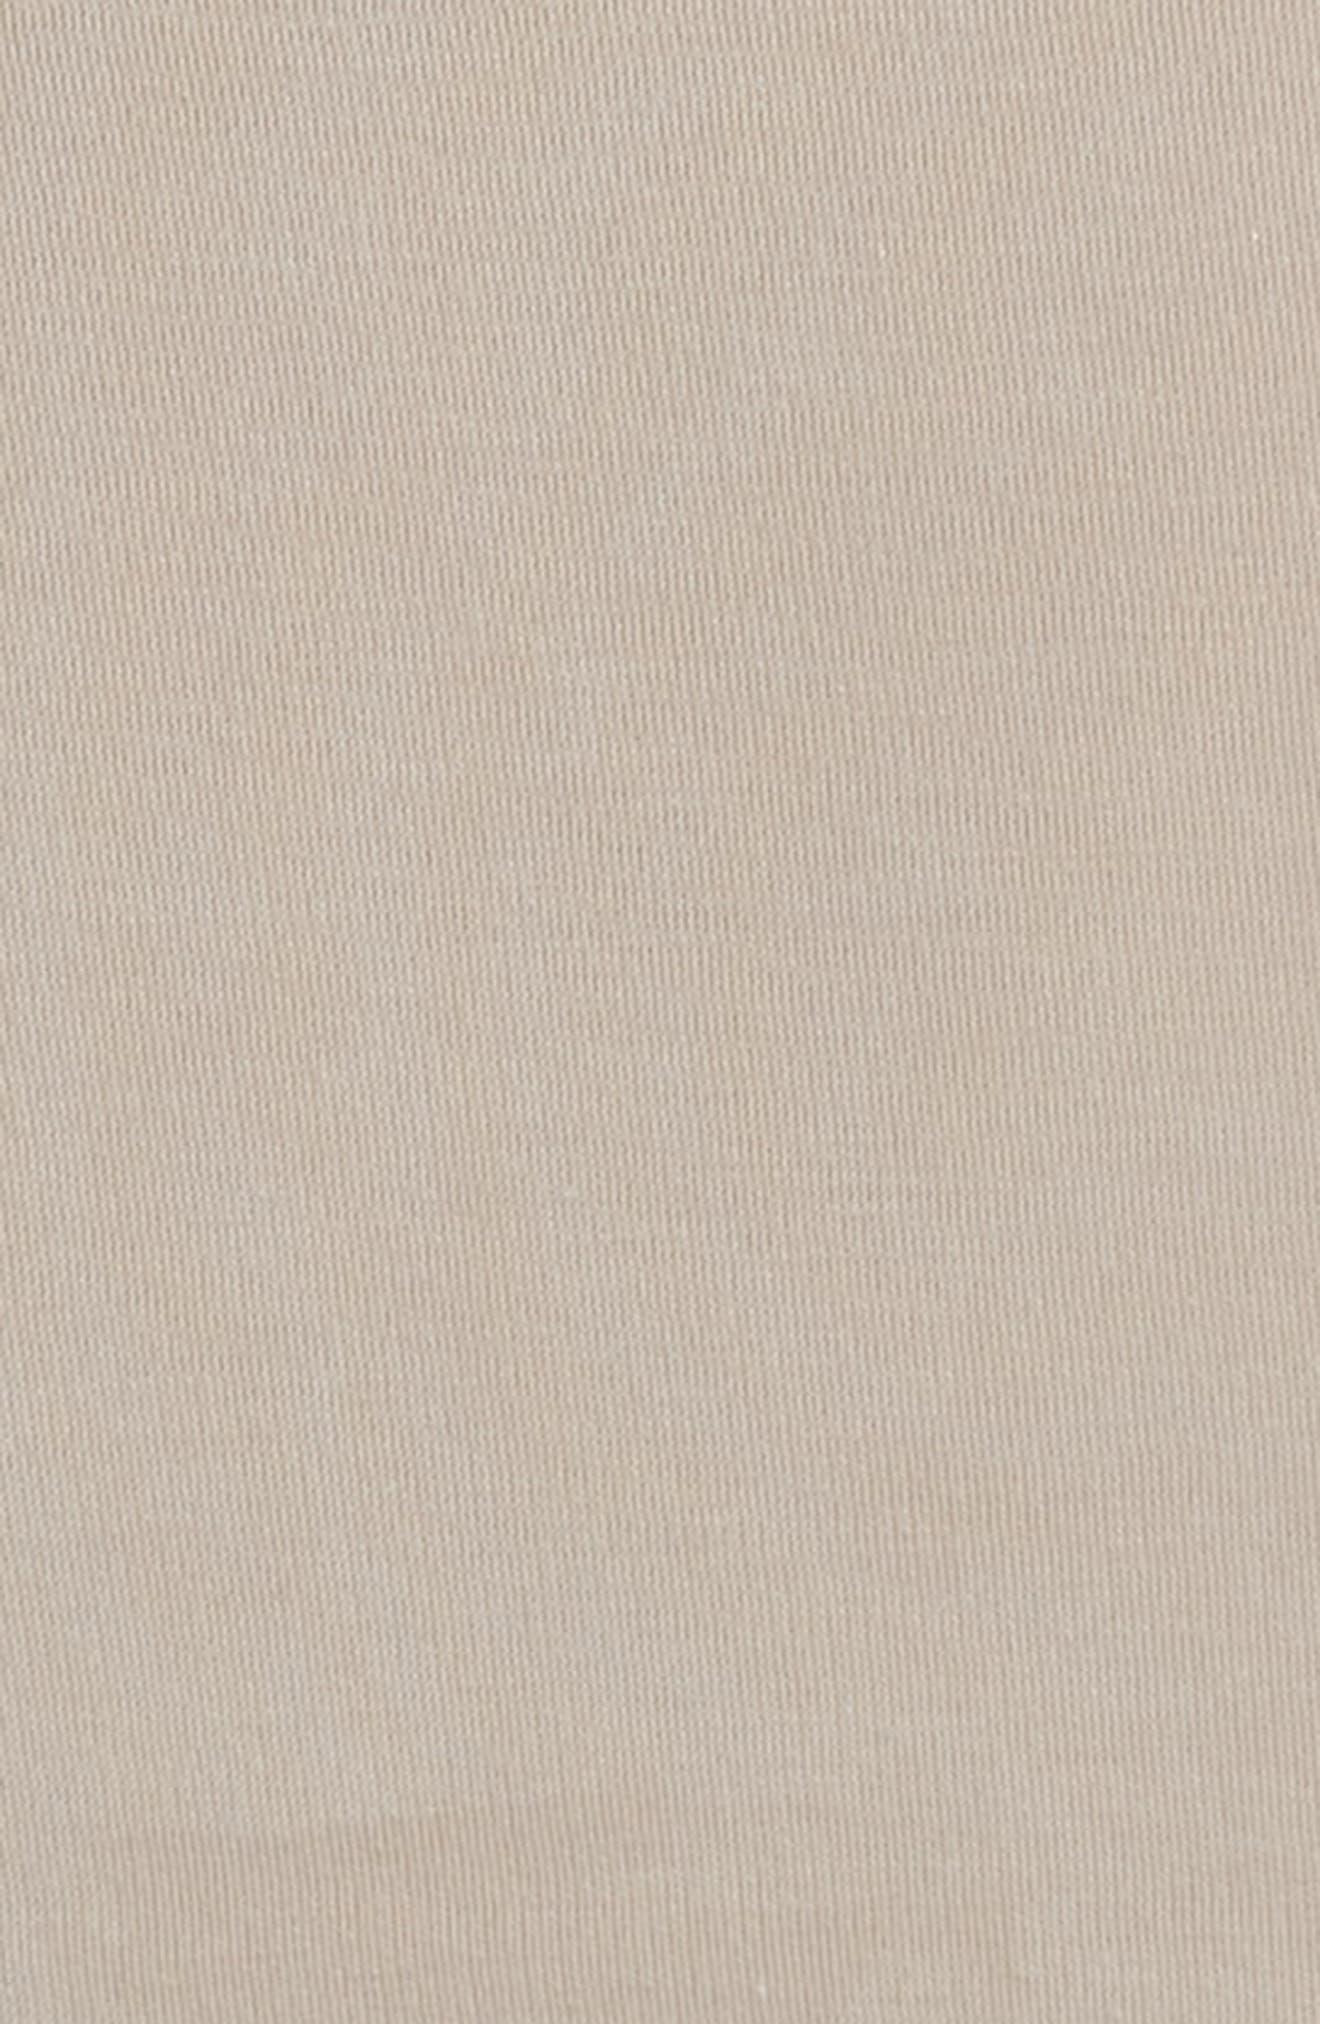 Iridescent Sheer Organza Shirt,                             Alternate thumbnail 5, color,                             400